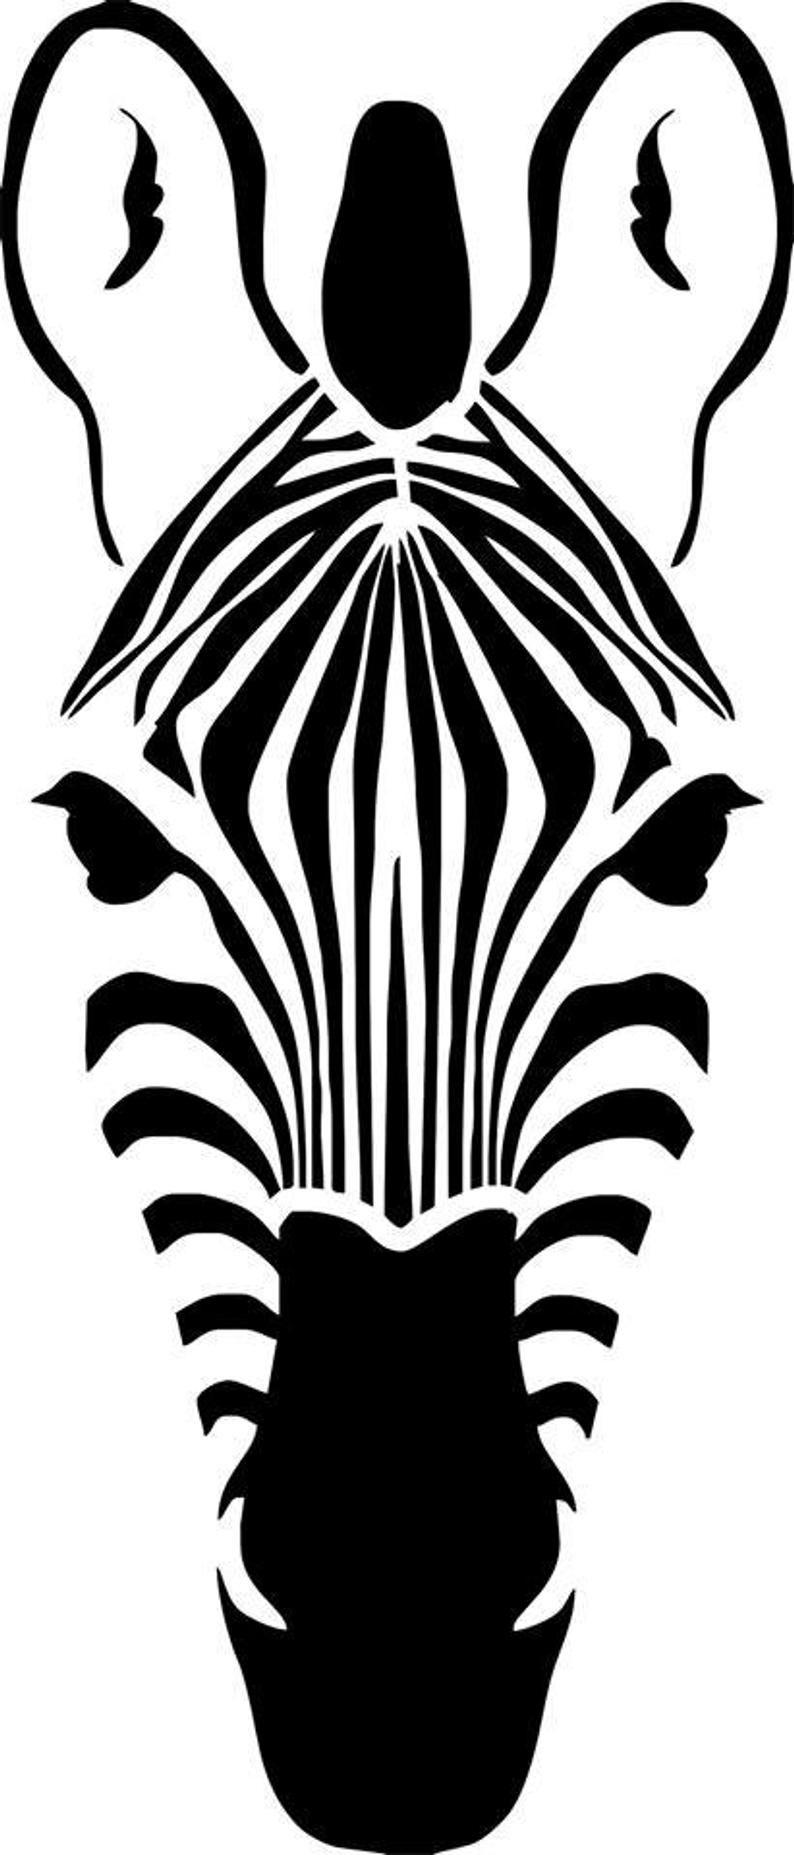 Stencil Stencil Stencil Zebra Head Stencil Kunst Stoffen Schilderen Dier Sjablonen